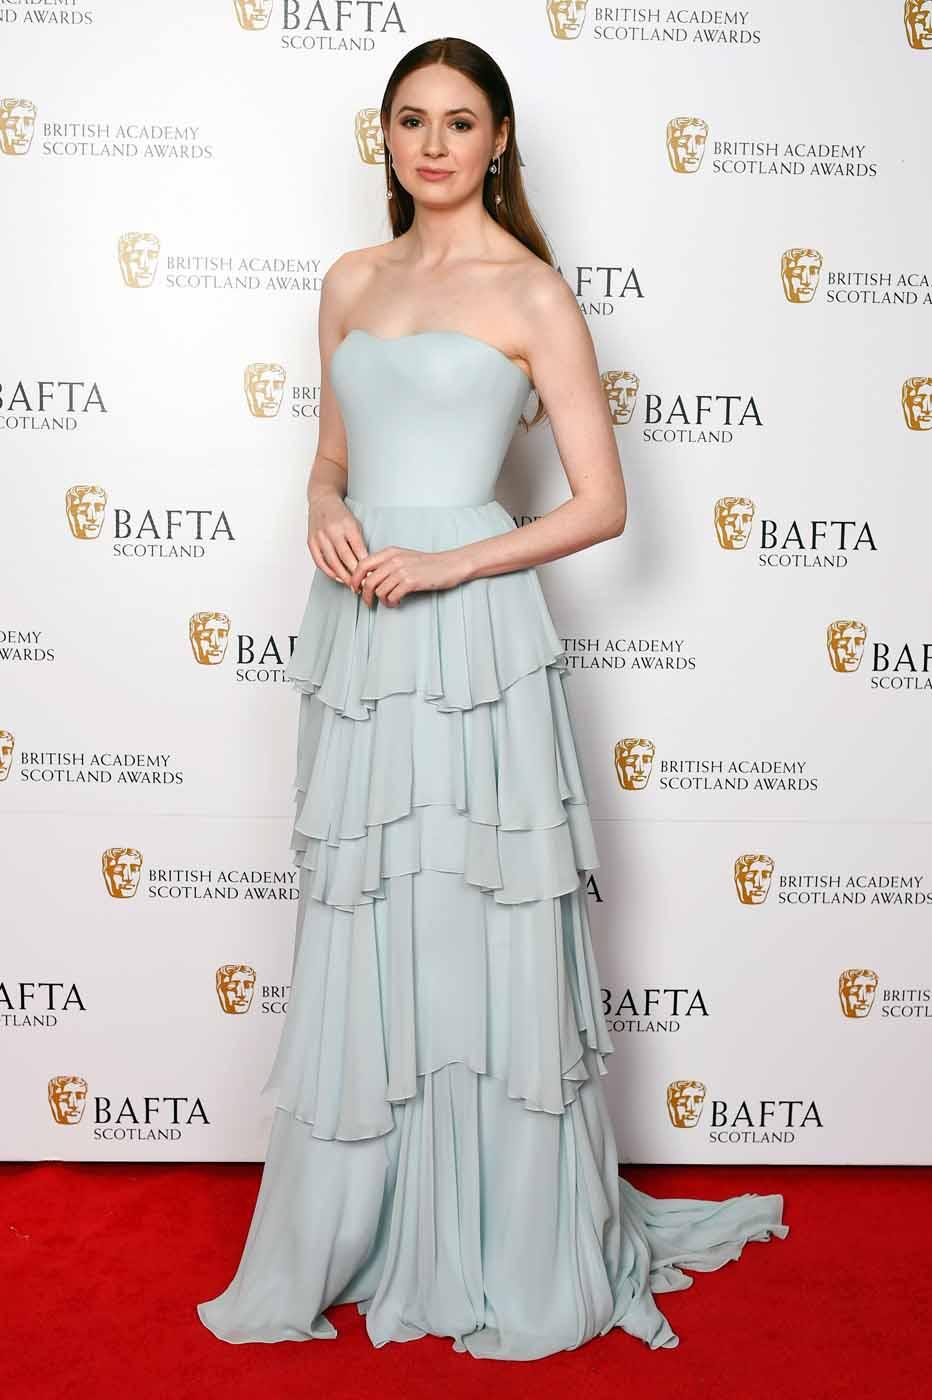 Karen Gillan In Ulyana Sergeenko Bafta Scotland Awards 04 11 2018